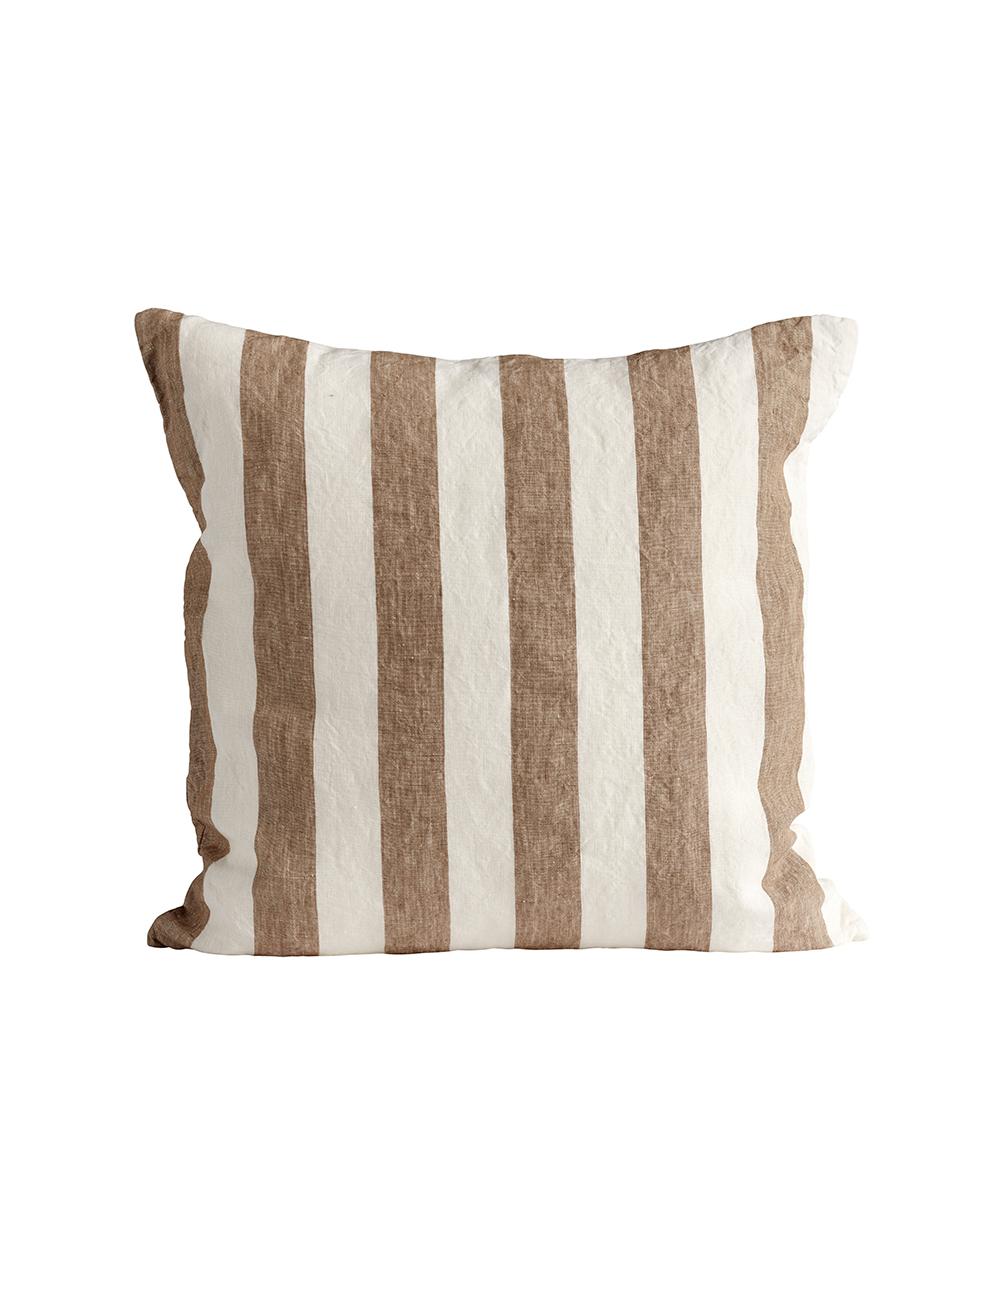 Walnut Striped Linne Kuddfodral 50x50cm